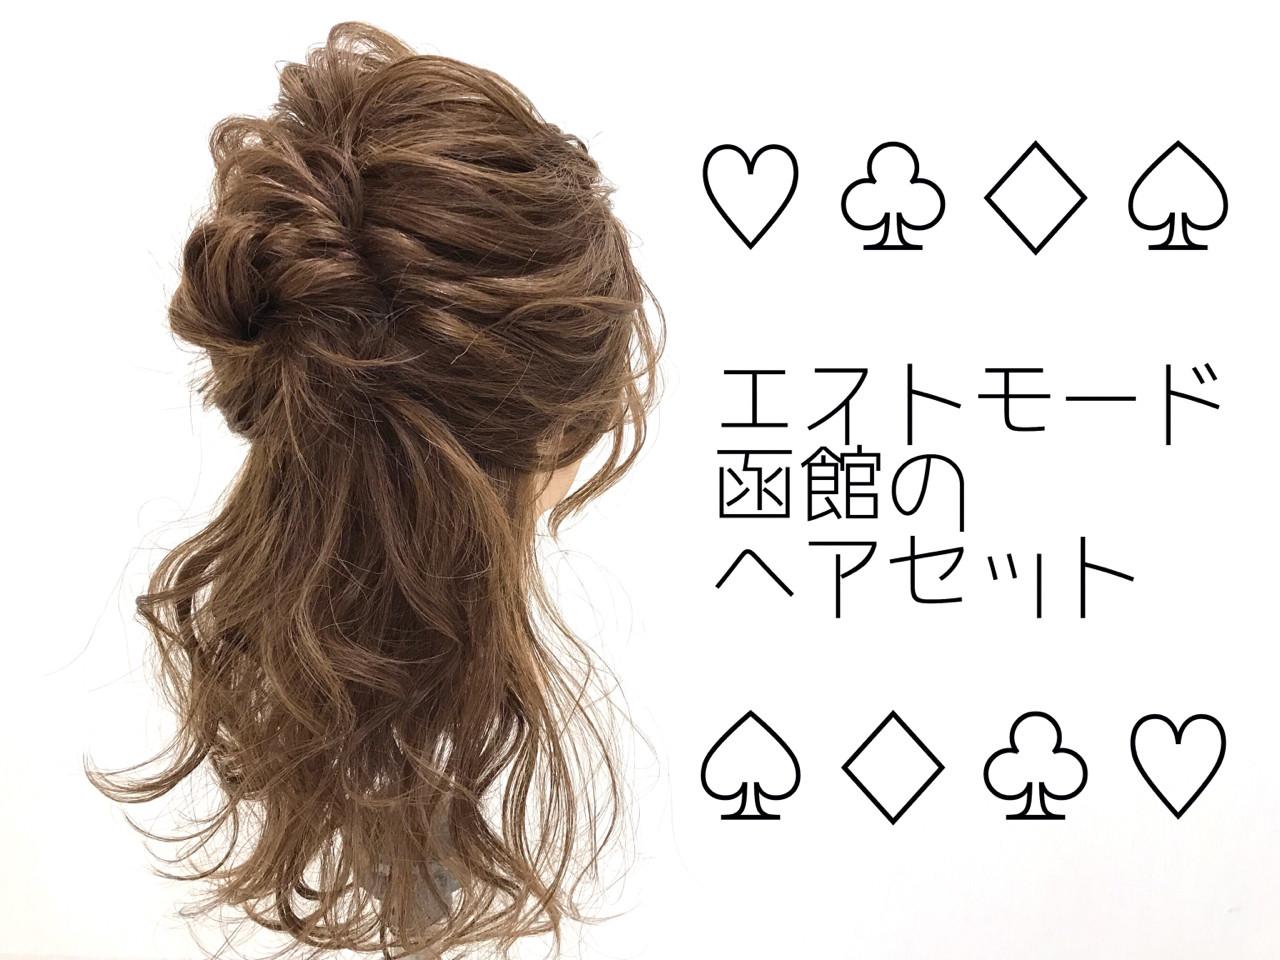 簡単ヘアアレンジ ミディアム フェミニン オフィス ヘアスタイルや髪型の写真・画像